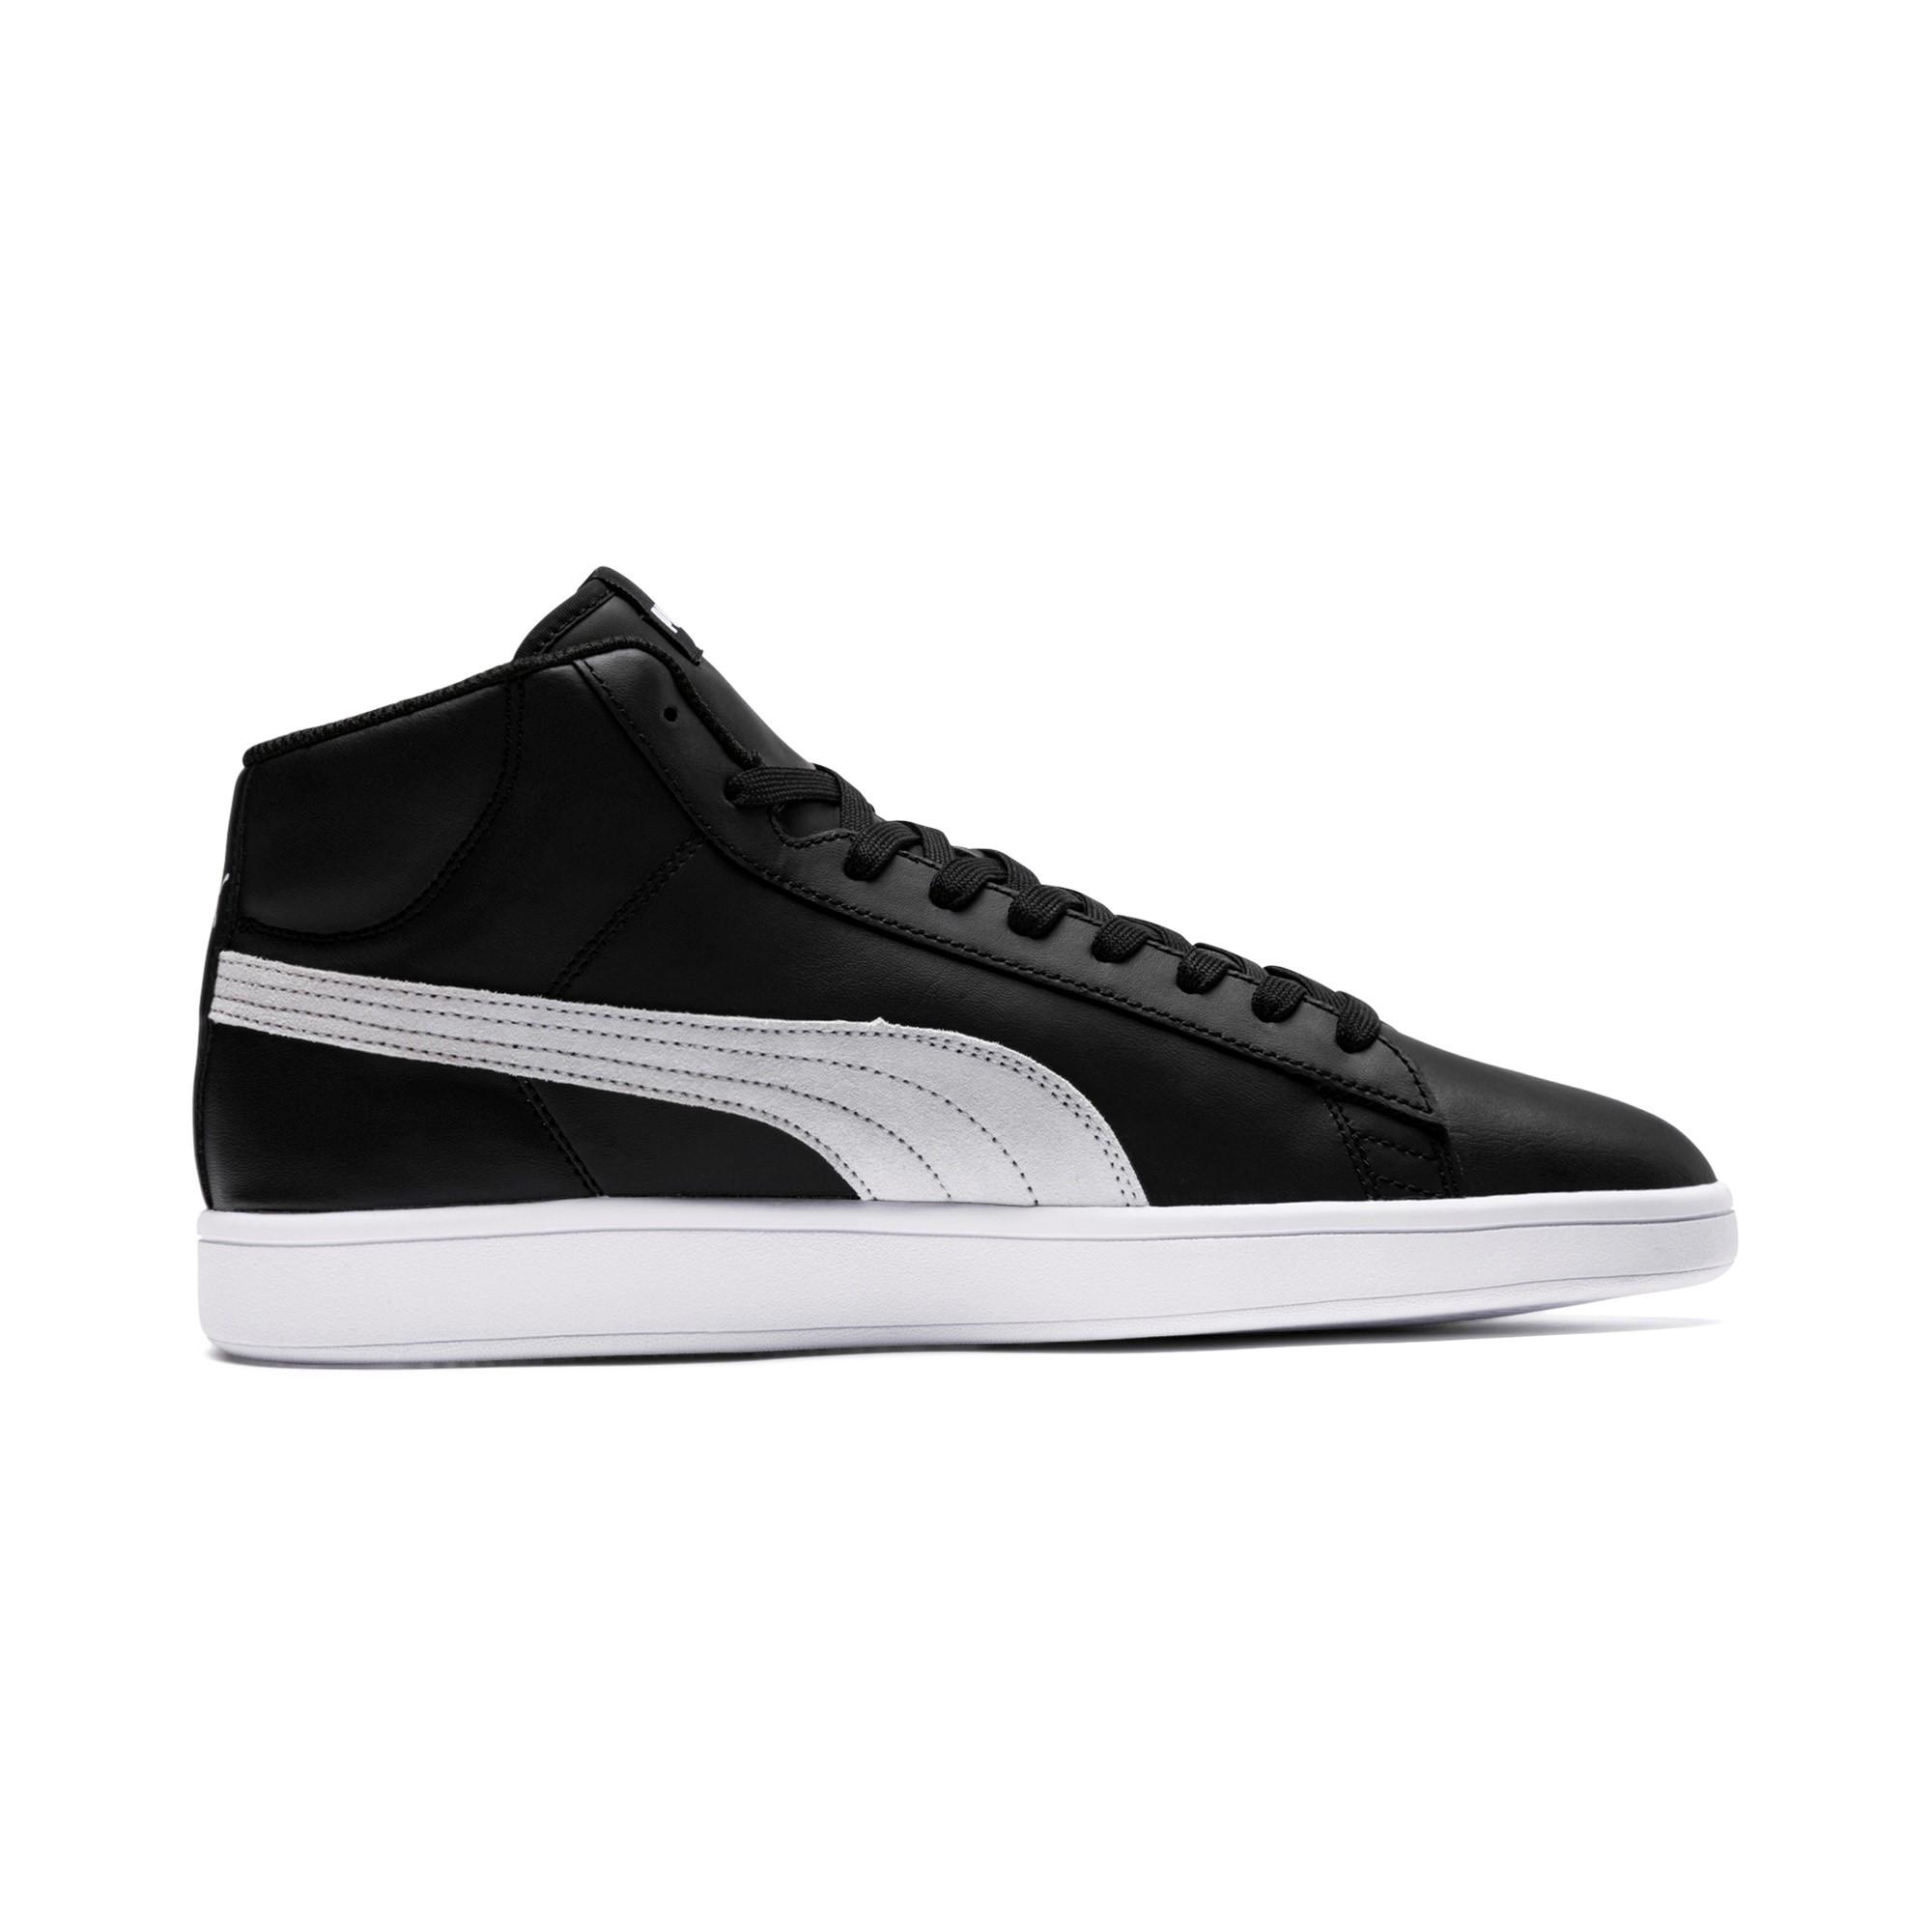 Puma-Scarpe-Sneakers-Sportive-Sportswear-SMASH-V2-L-Mid-2018-19-Nero-Uomo miniatura 9